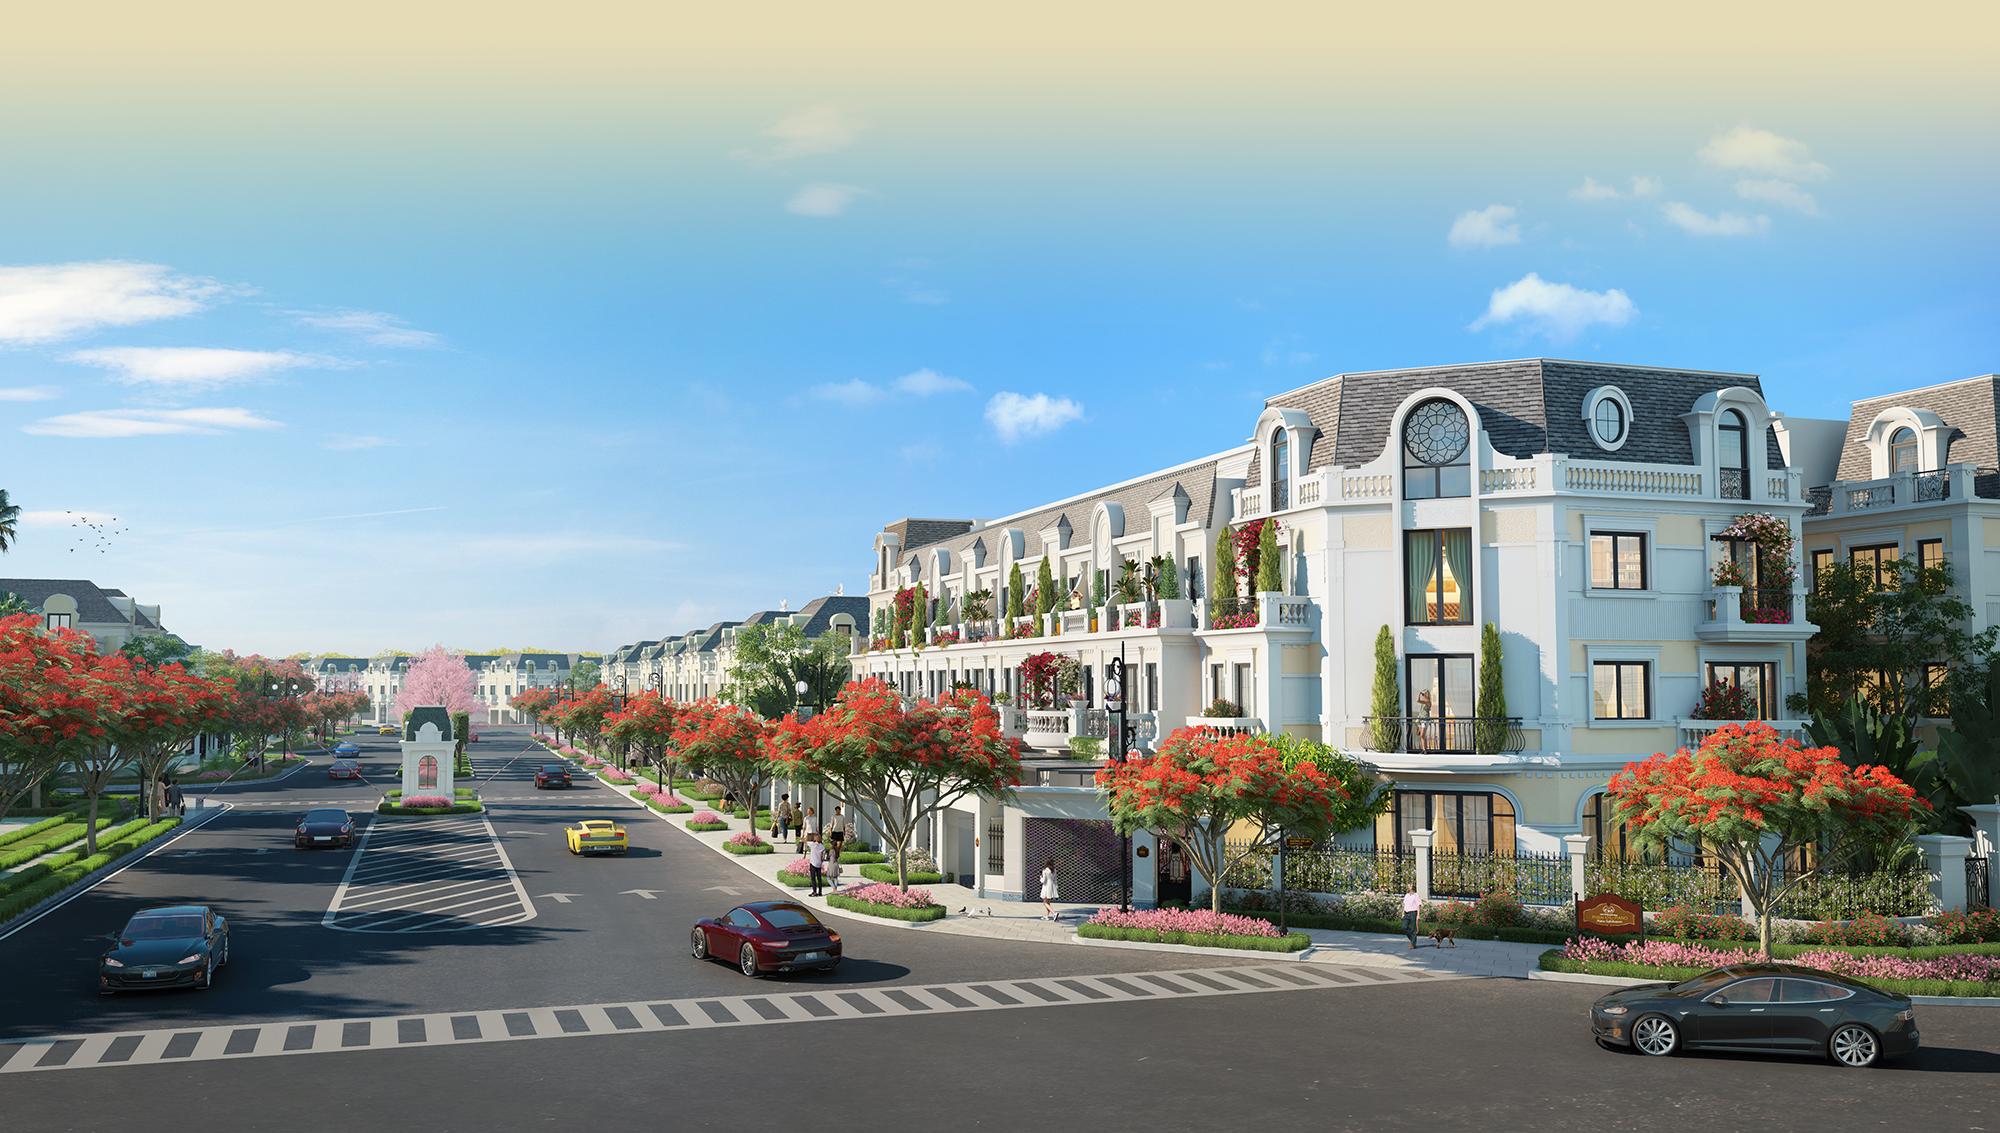 """Kiến tạo mô hình đô thị """"bán khép kín"""" đầu tiên tại phía Tây Hà Nội, Anlac Group tiếp tục khẳng định vị thế trên thị trường bất động sản - Ảnh 10."""